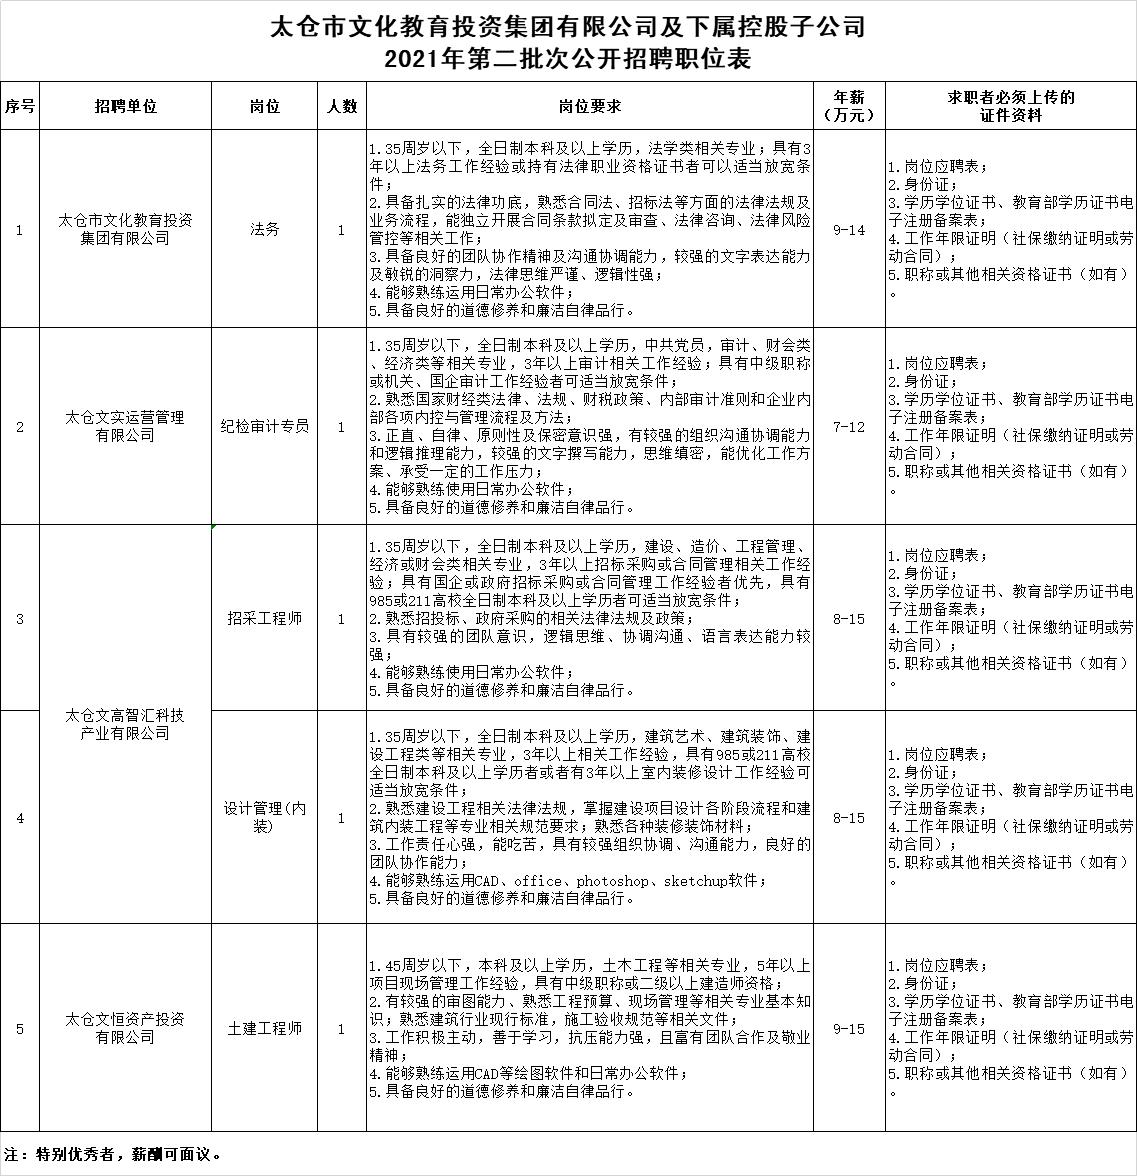 太仓市文化教育投资集团有限公司及下属控股子公司2021年第二批次公开招聘职位表